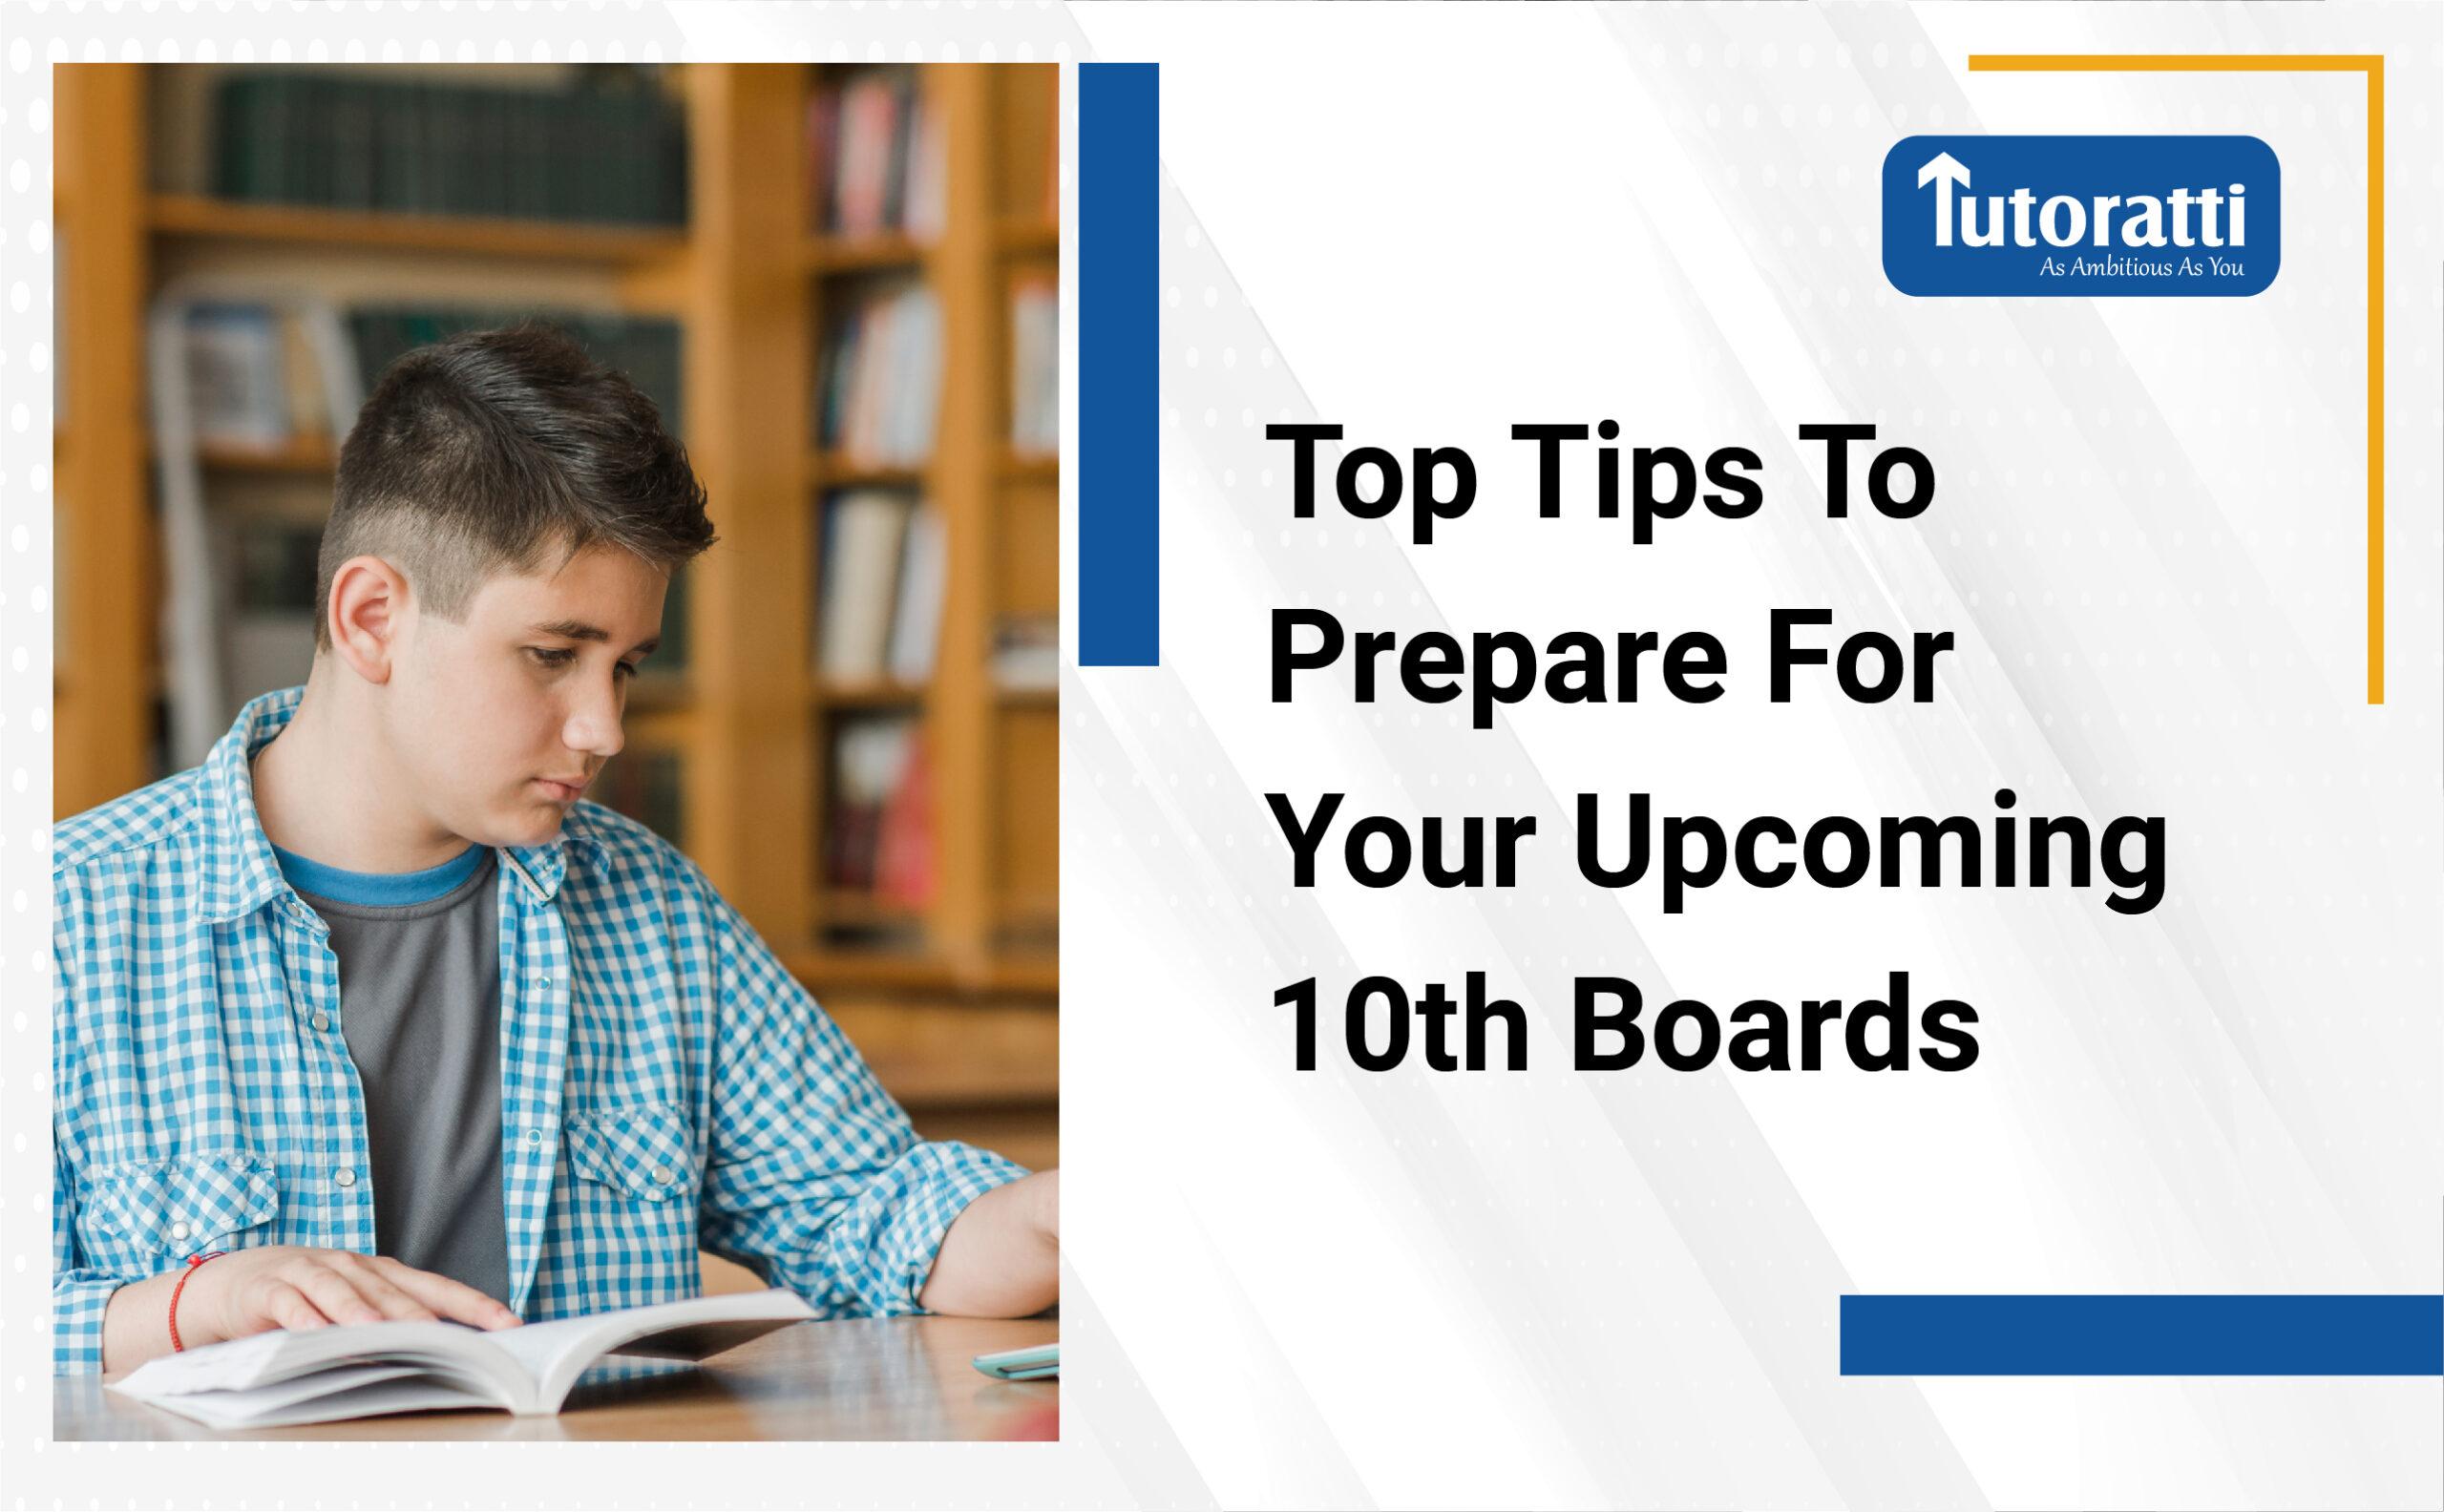 10th Boards